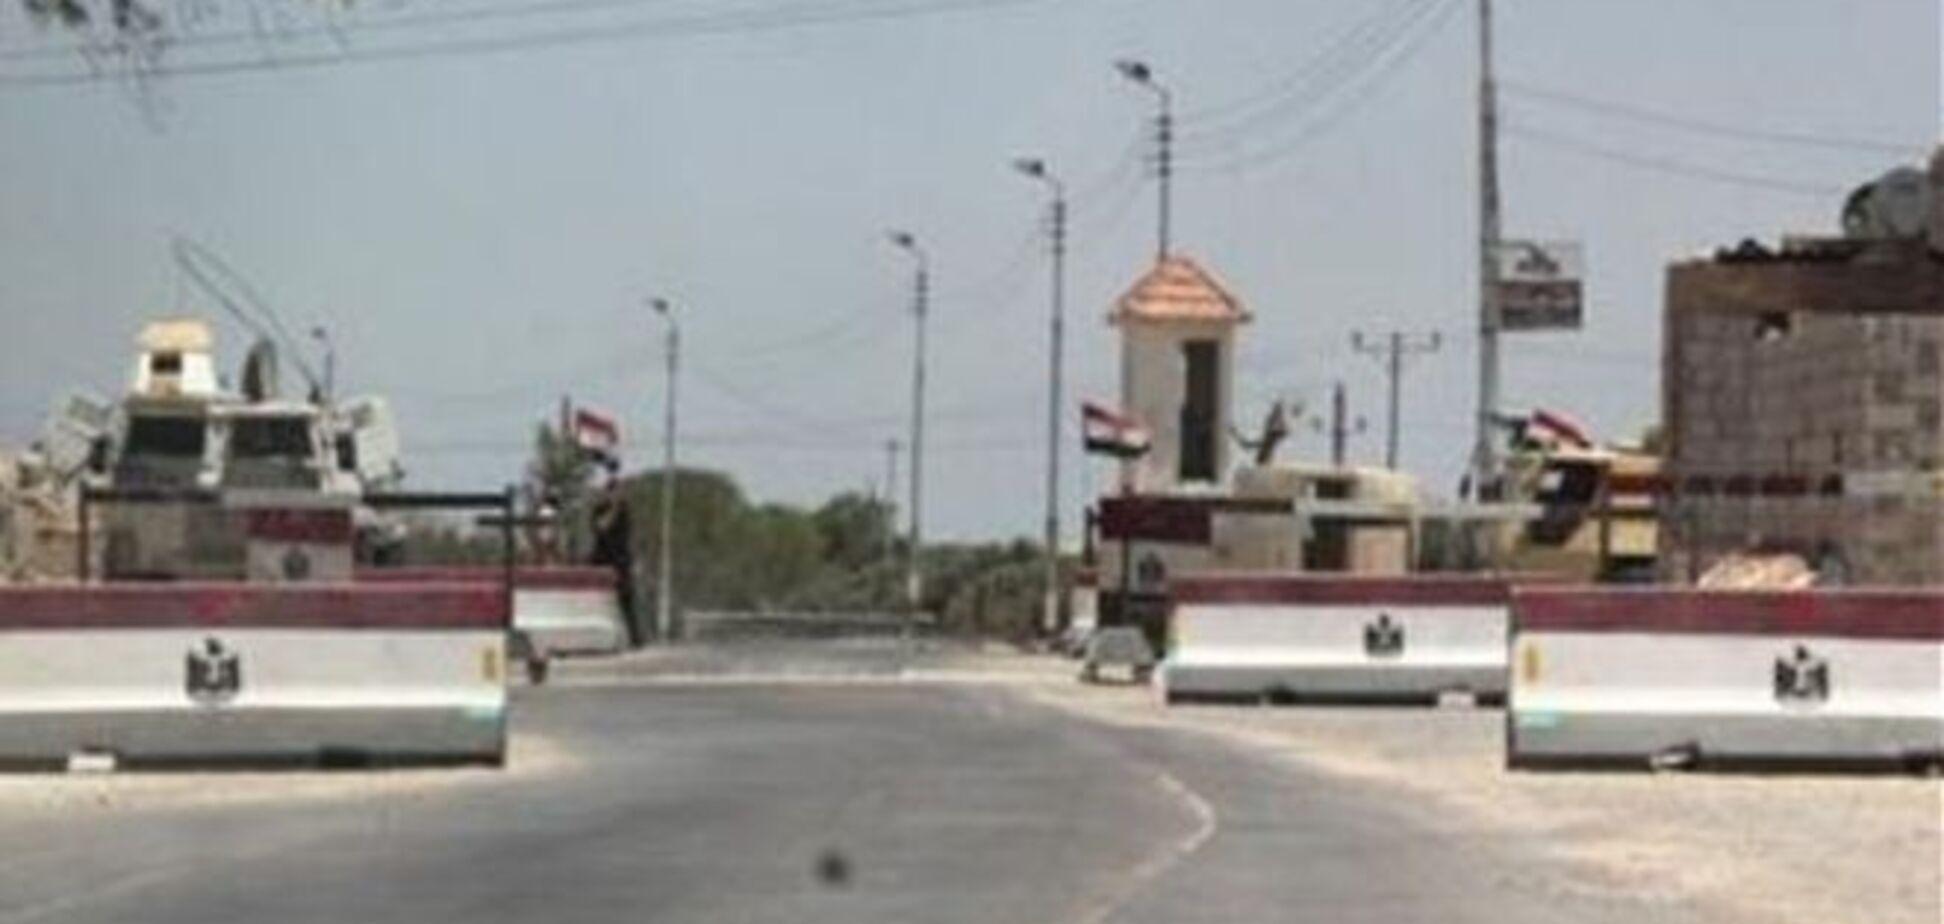 Єгипет завдав ракетних ударів по бойовиках на кордоні з сектором Газа